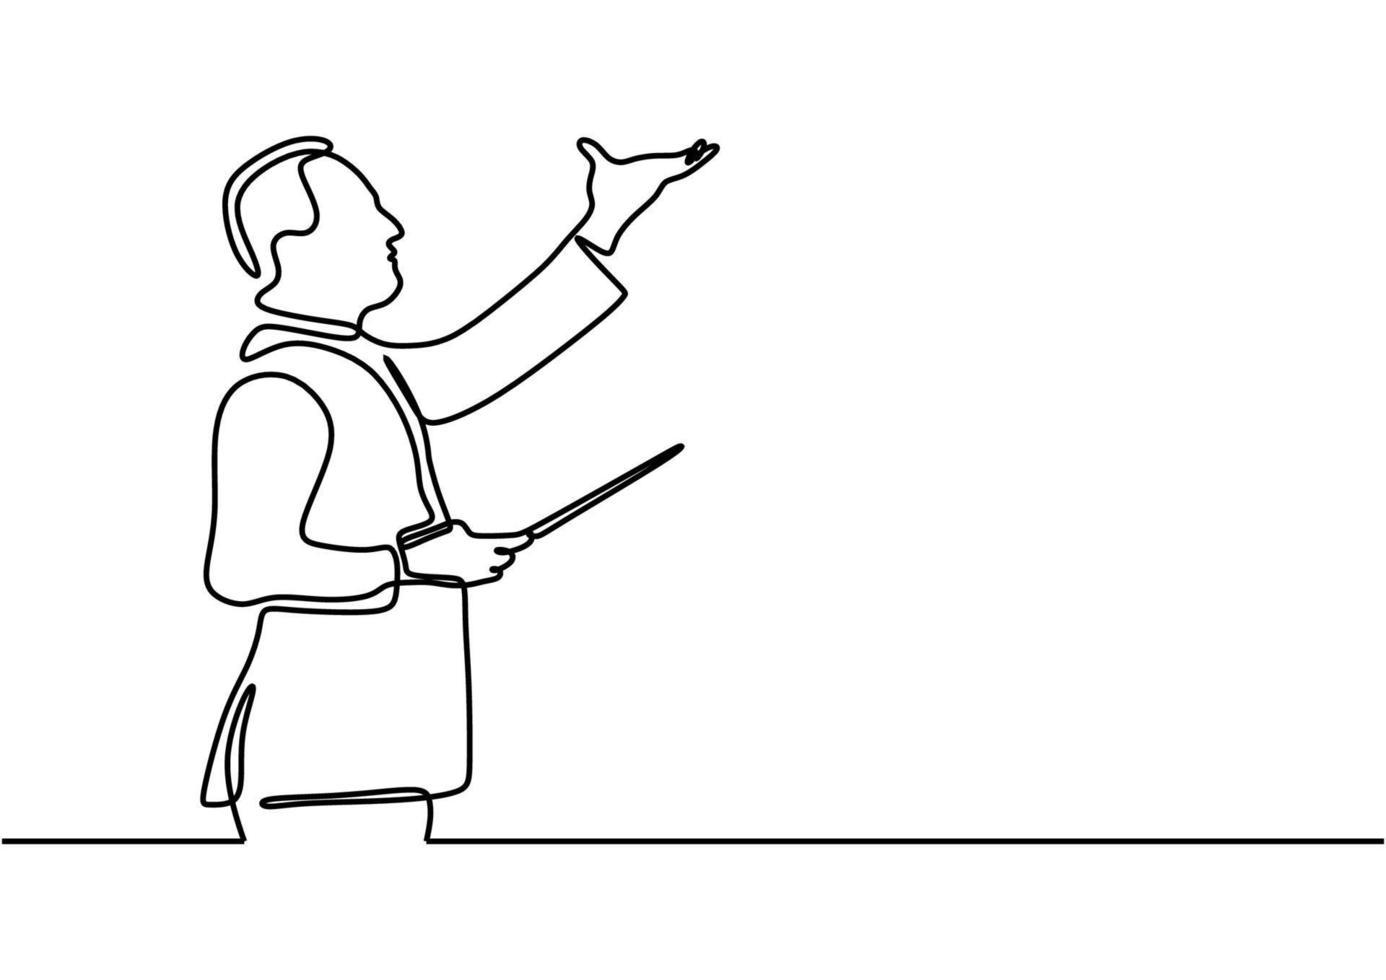 maestro, na música, uma pessoa conduz uma orquestra um desenho de linha vetor